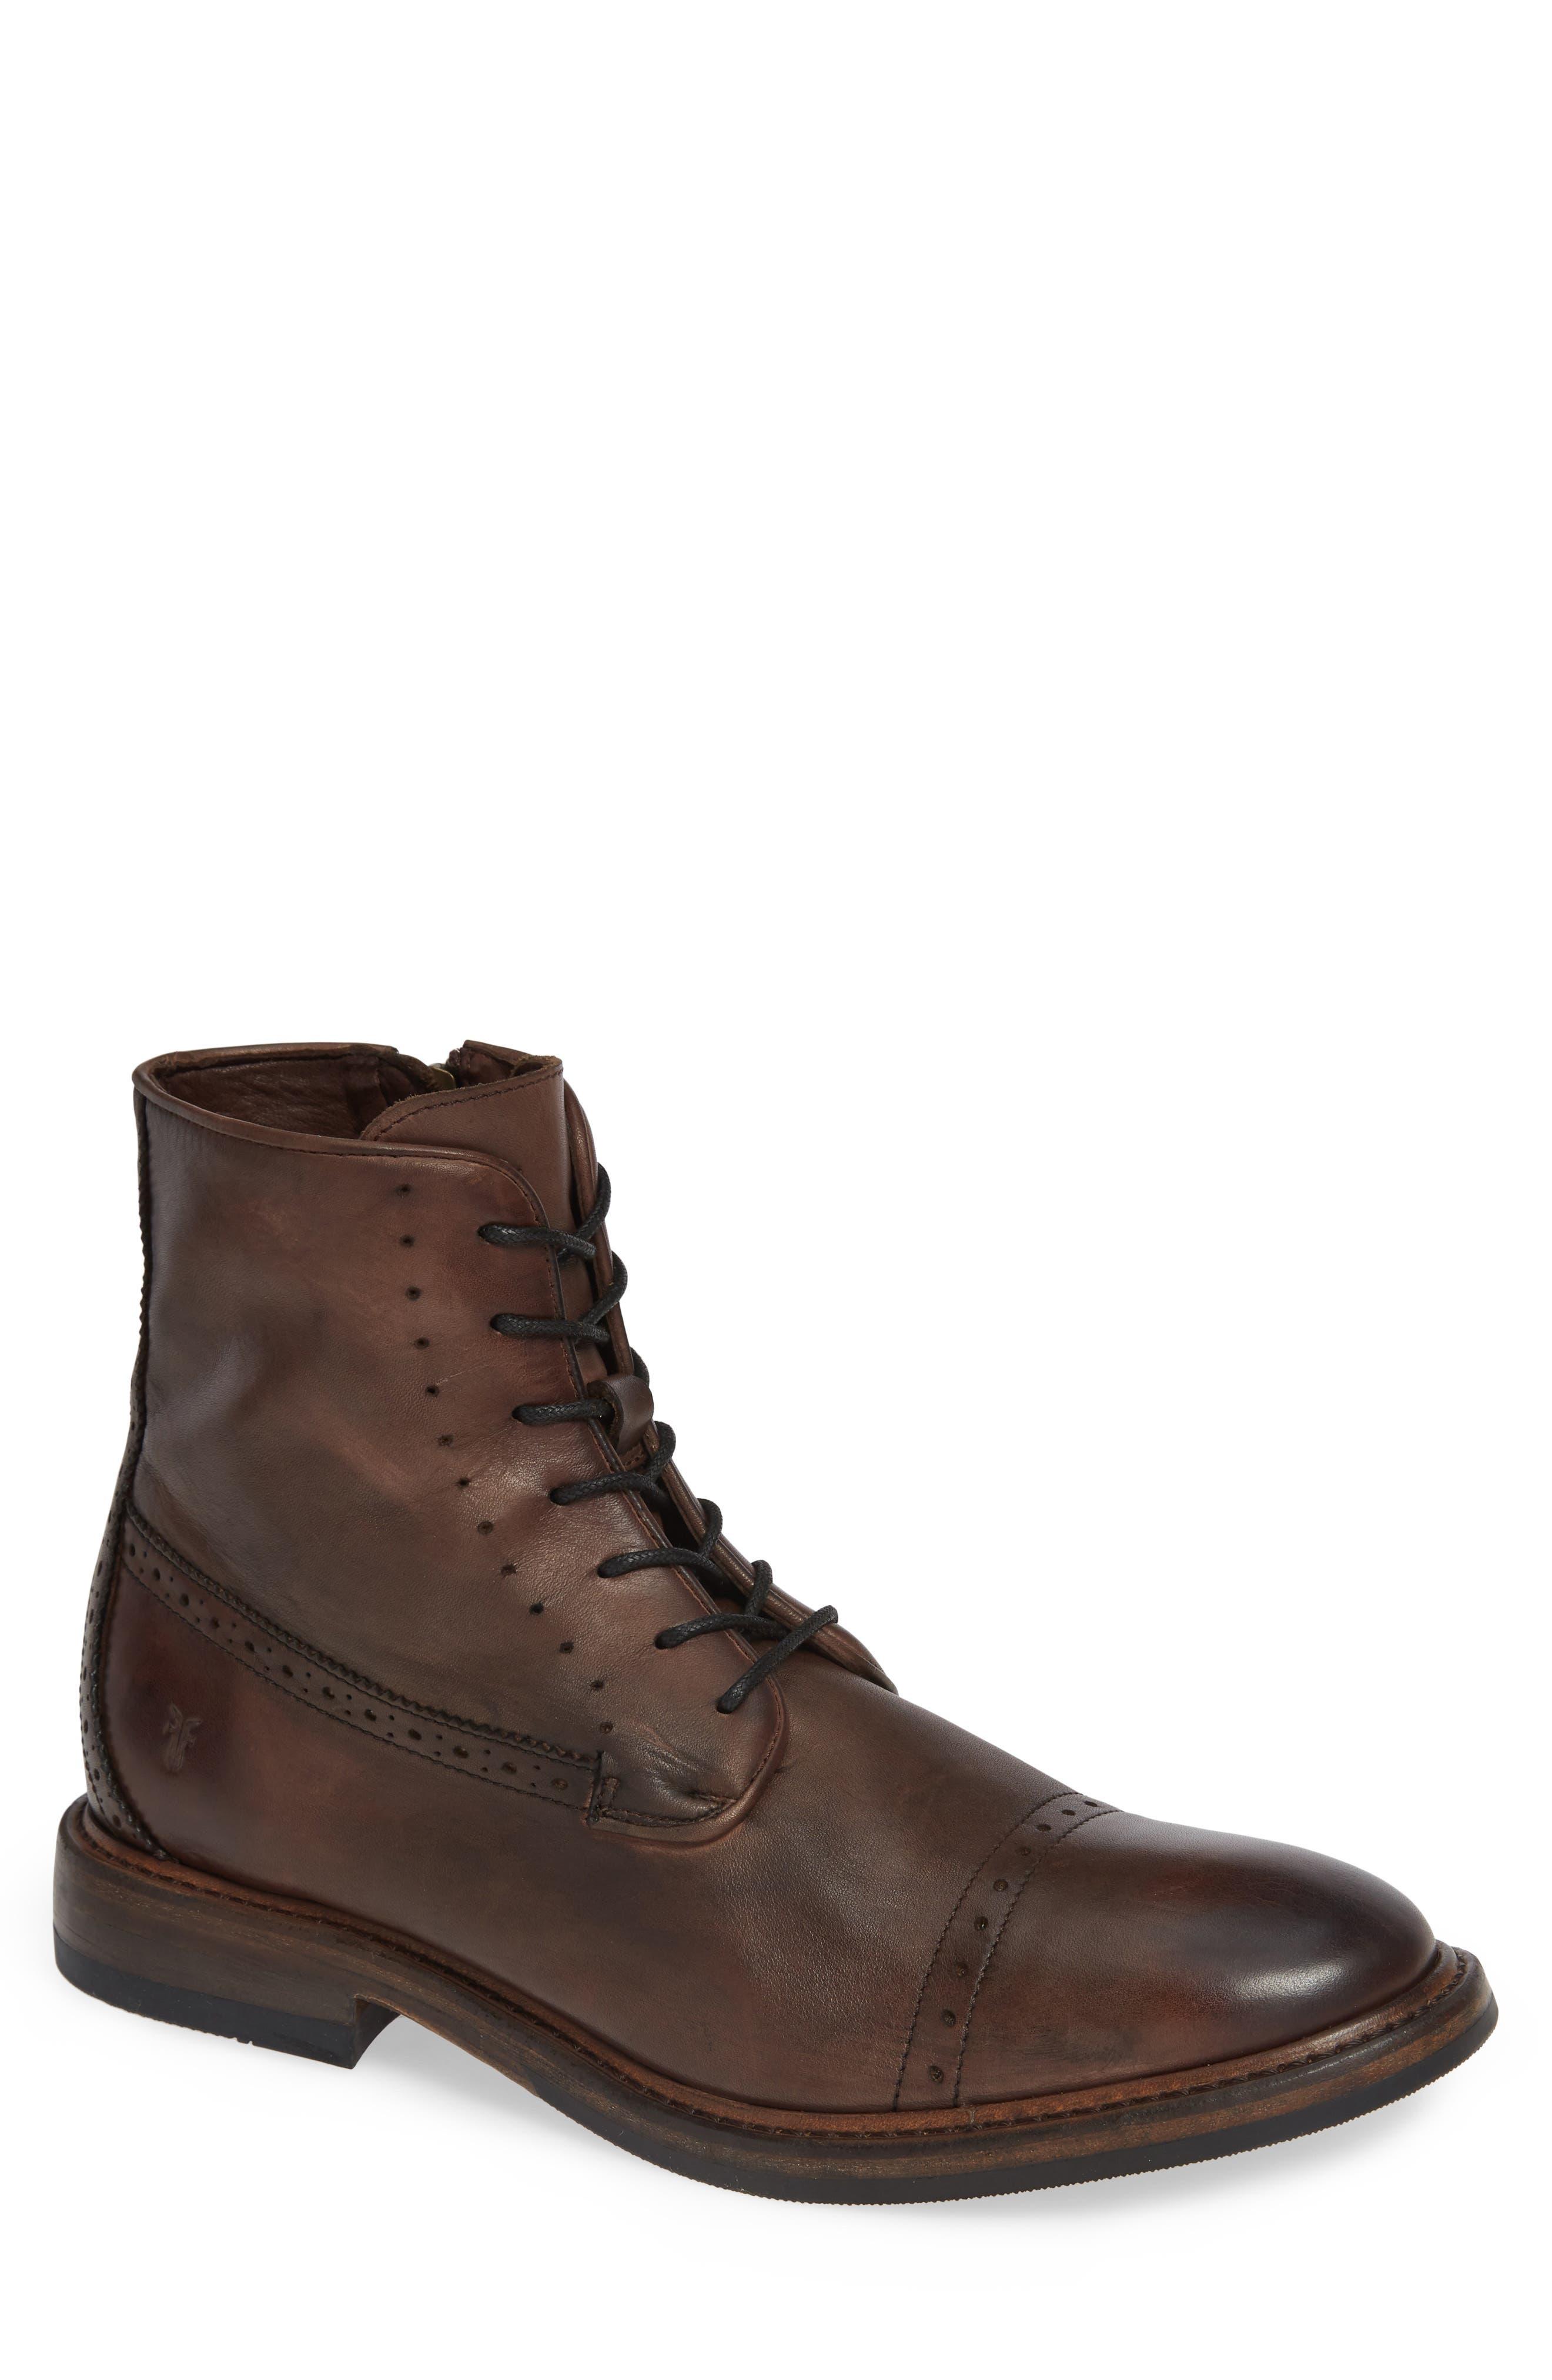 Murray Cap Toe Boot,                         Main,                         color, BROWN